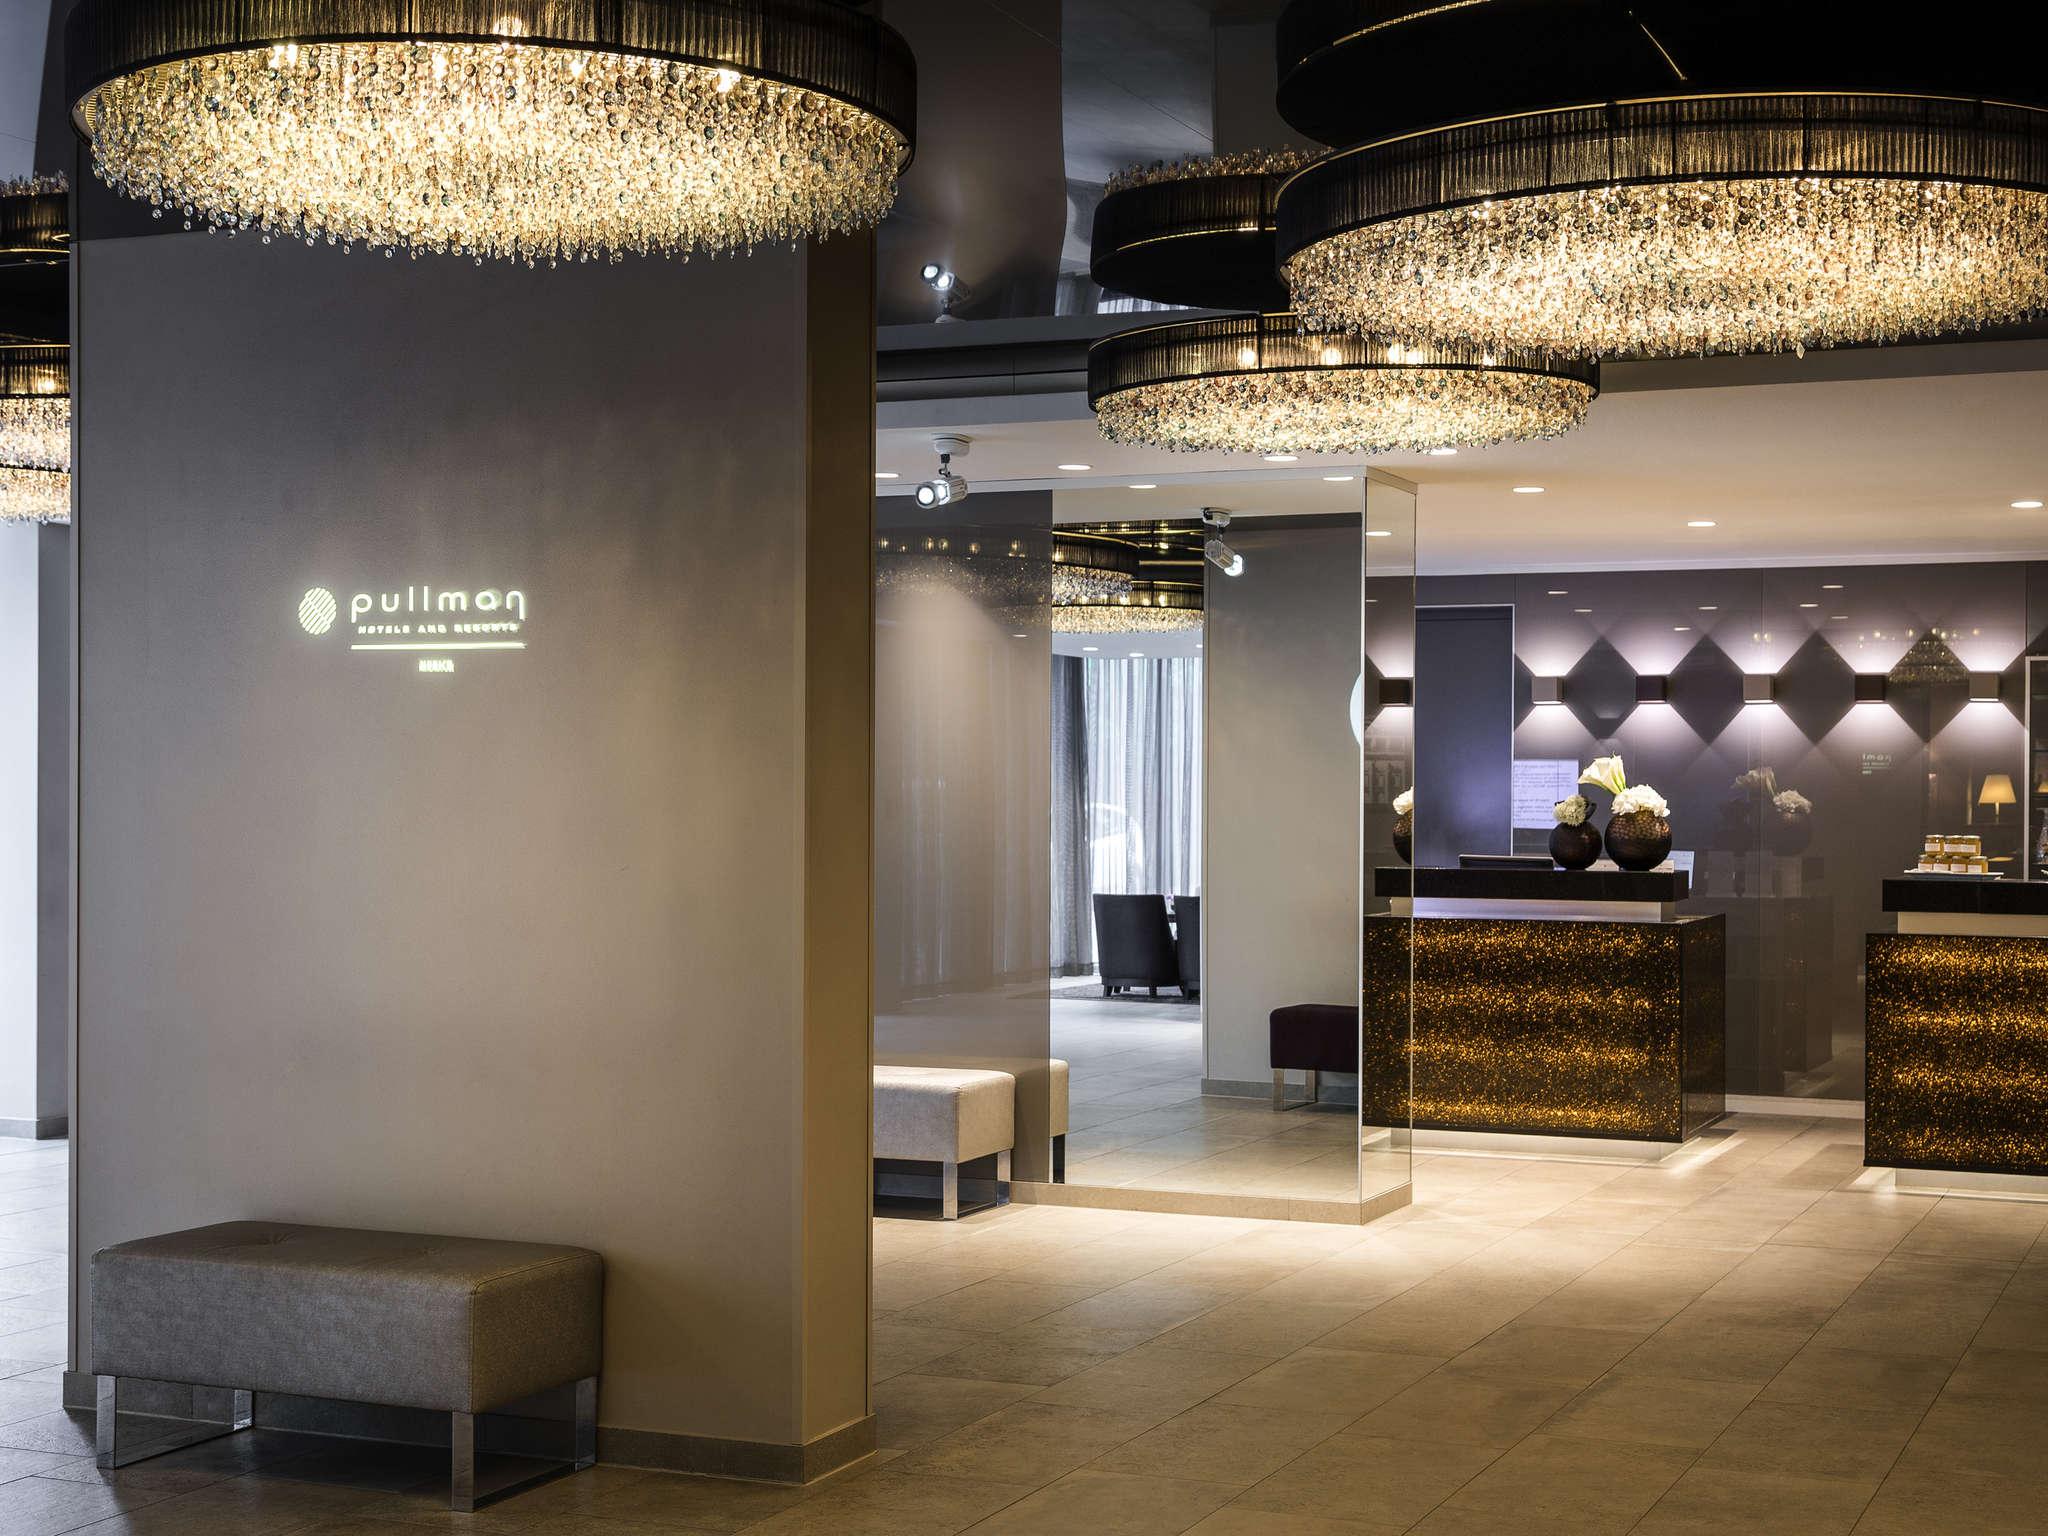 Hotel Pullman In Munchen